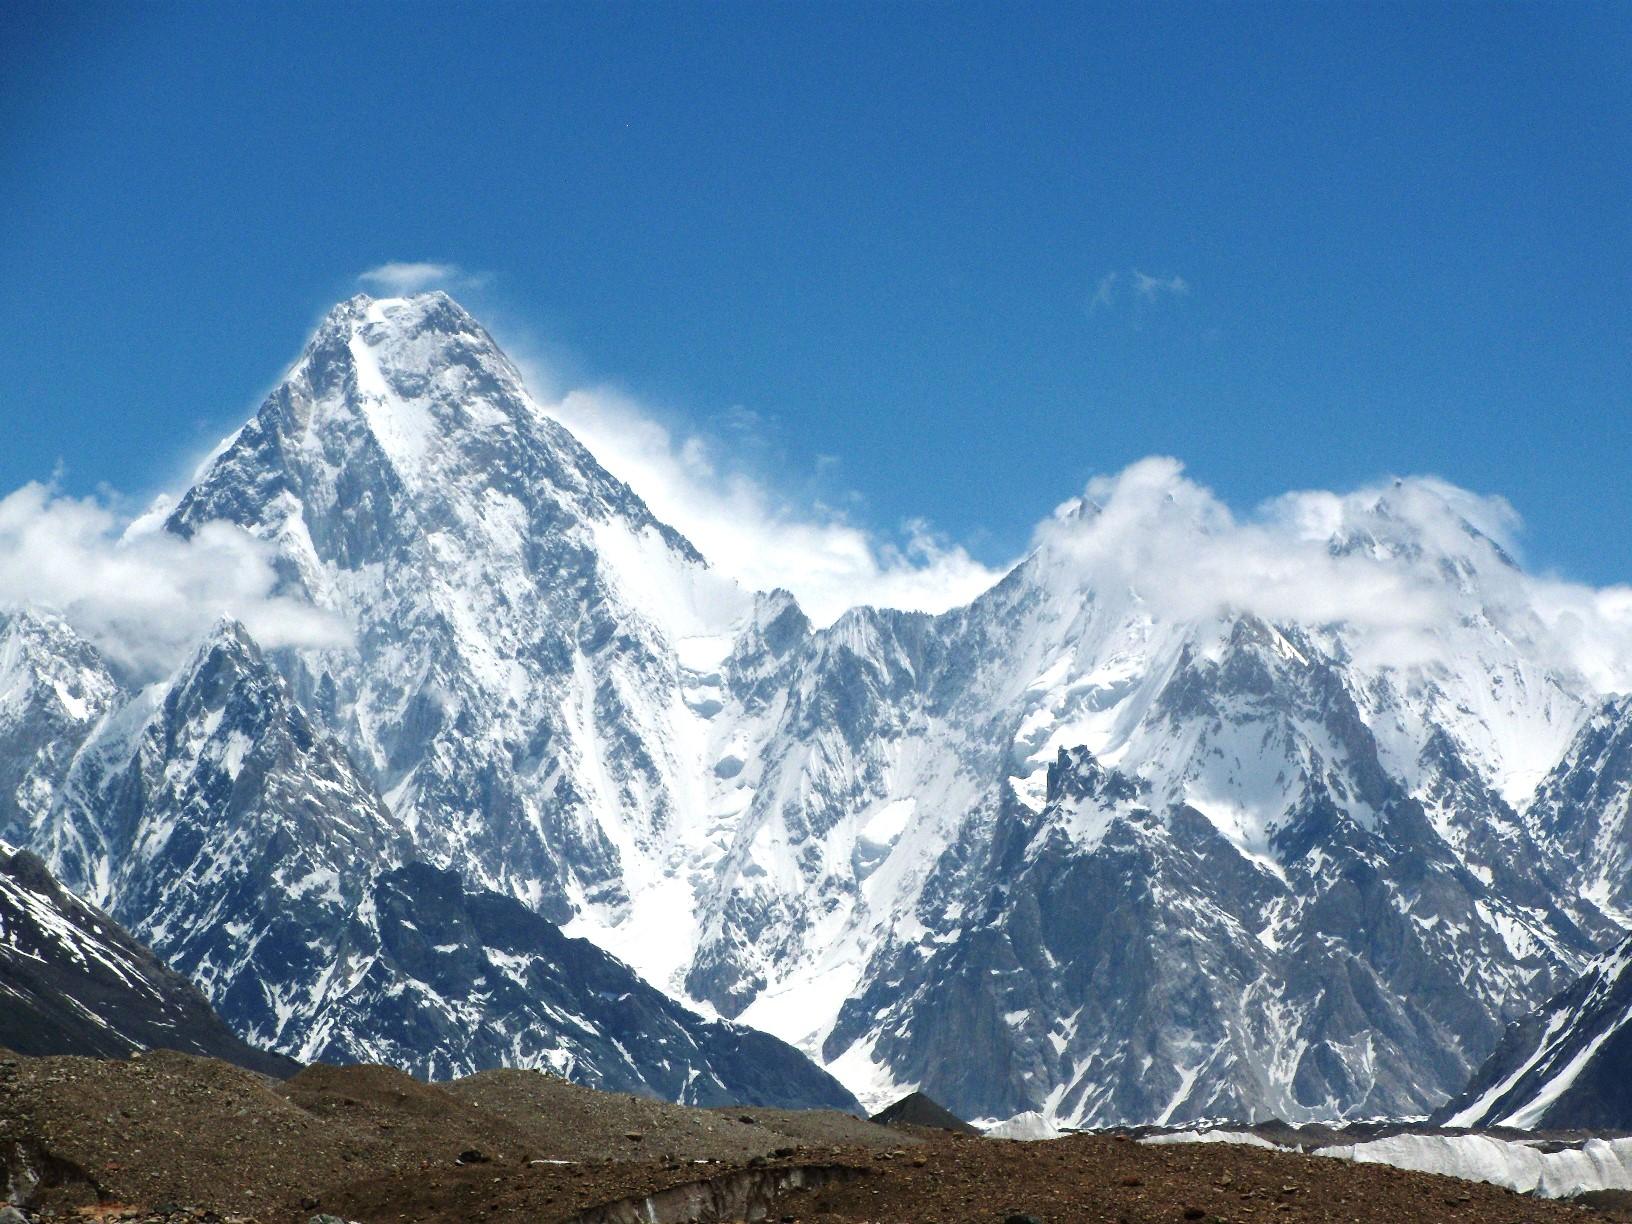 バルトロ氷河沿いからの名峰の数々③ガッシャーブルム4峰(7,952m)